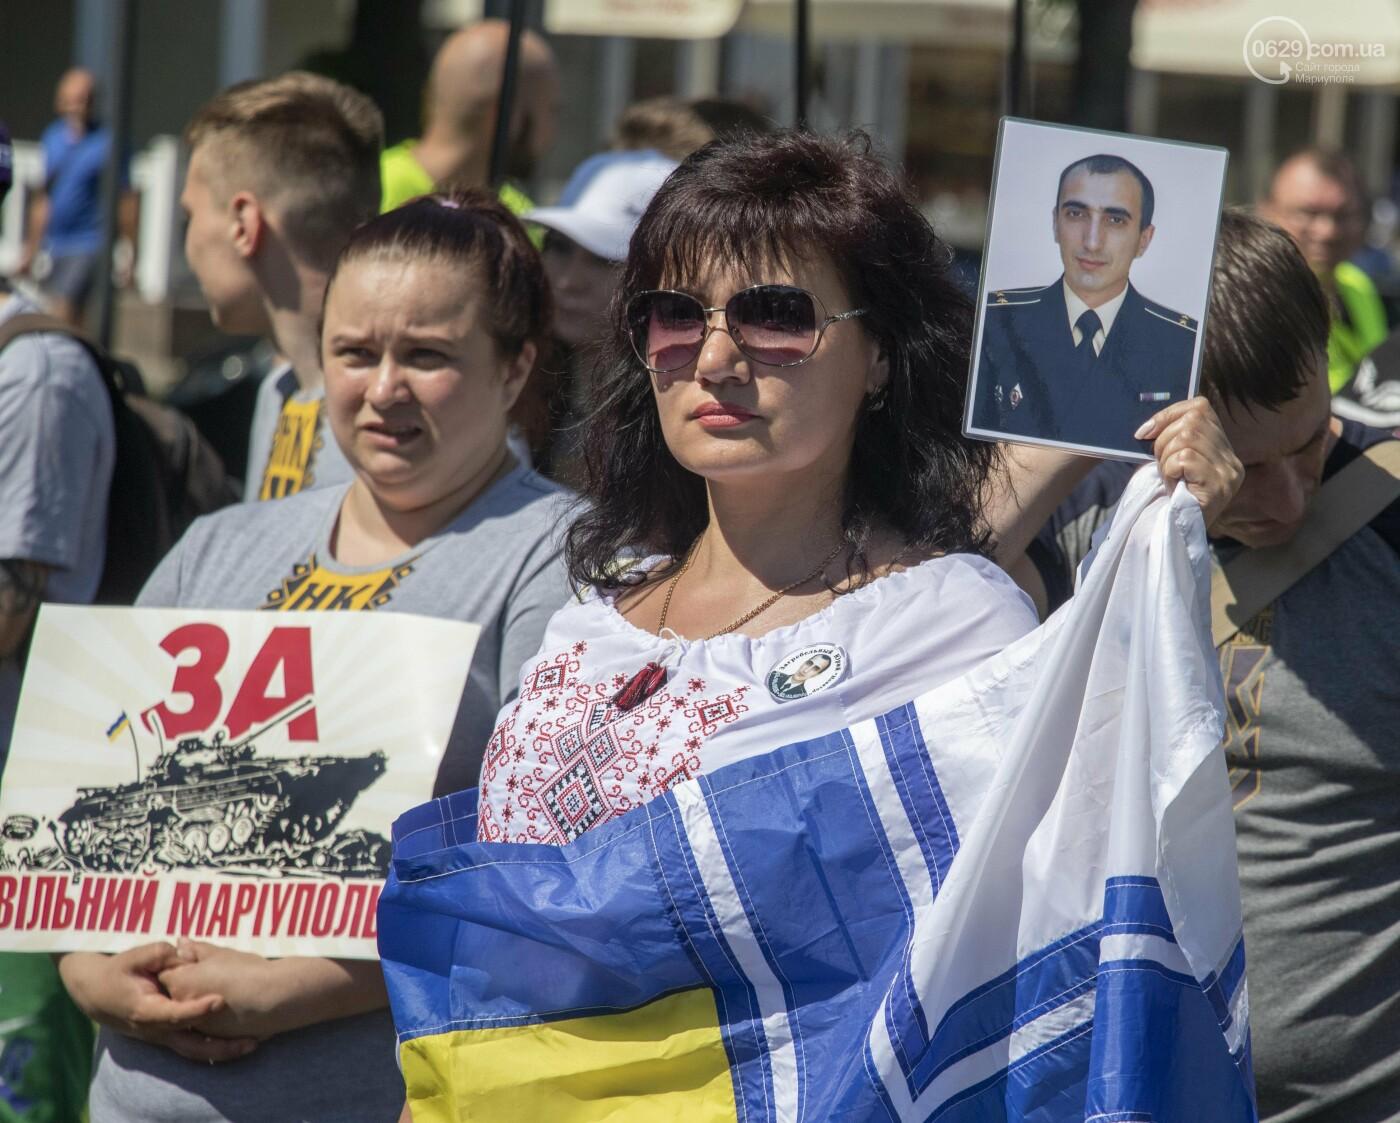 Без мэра. Как прошла в Мариуполе 7-я годовщина освобождения города от террористов и сепаратистов, - ФОТОРЕПОРТАЖ, фото-3